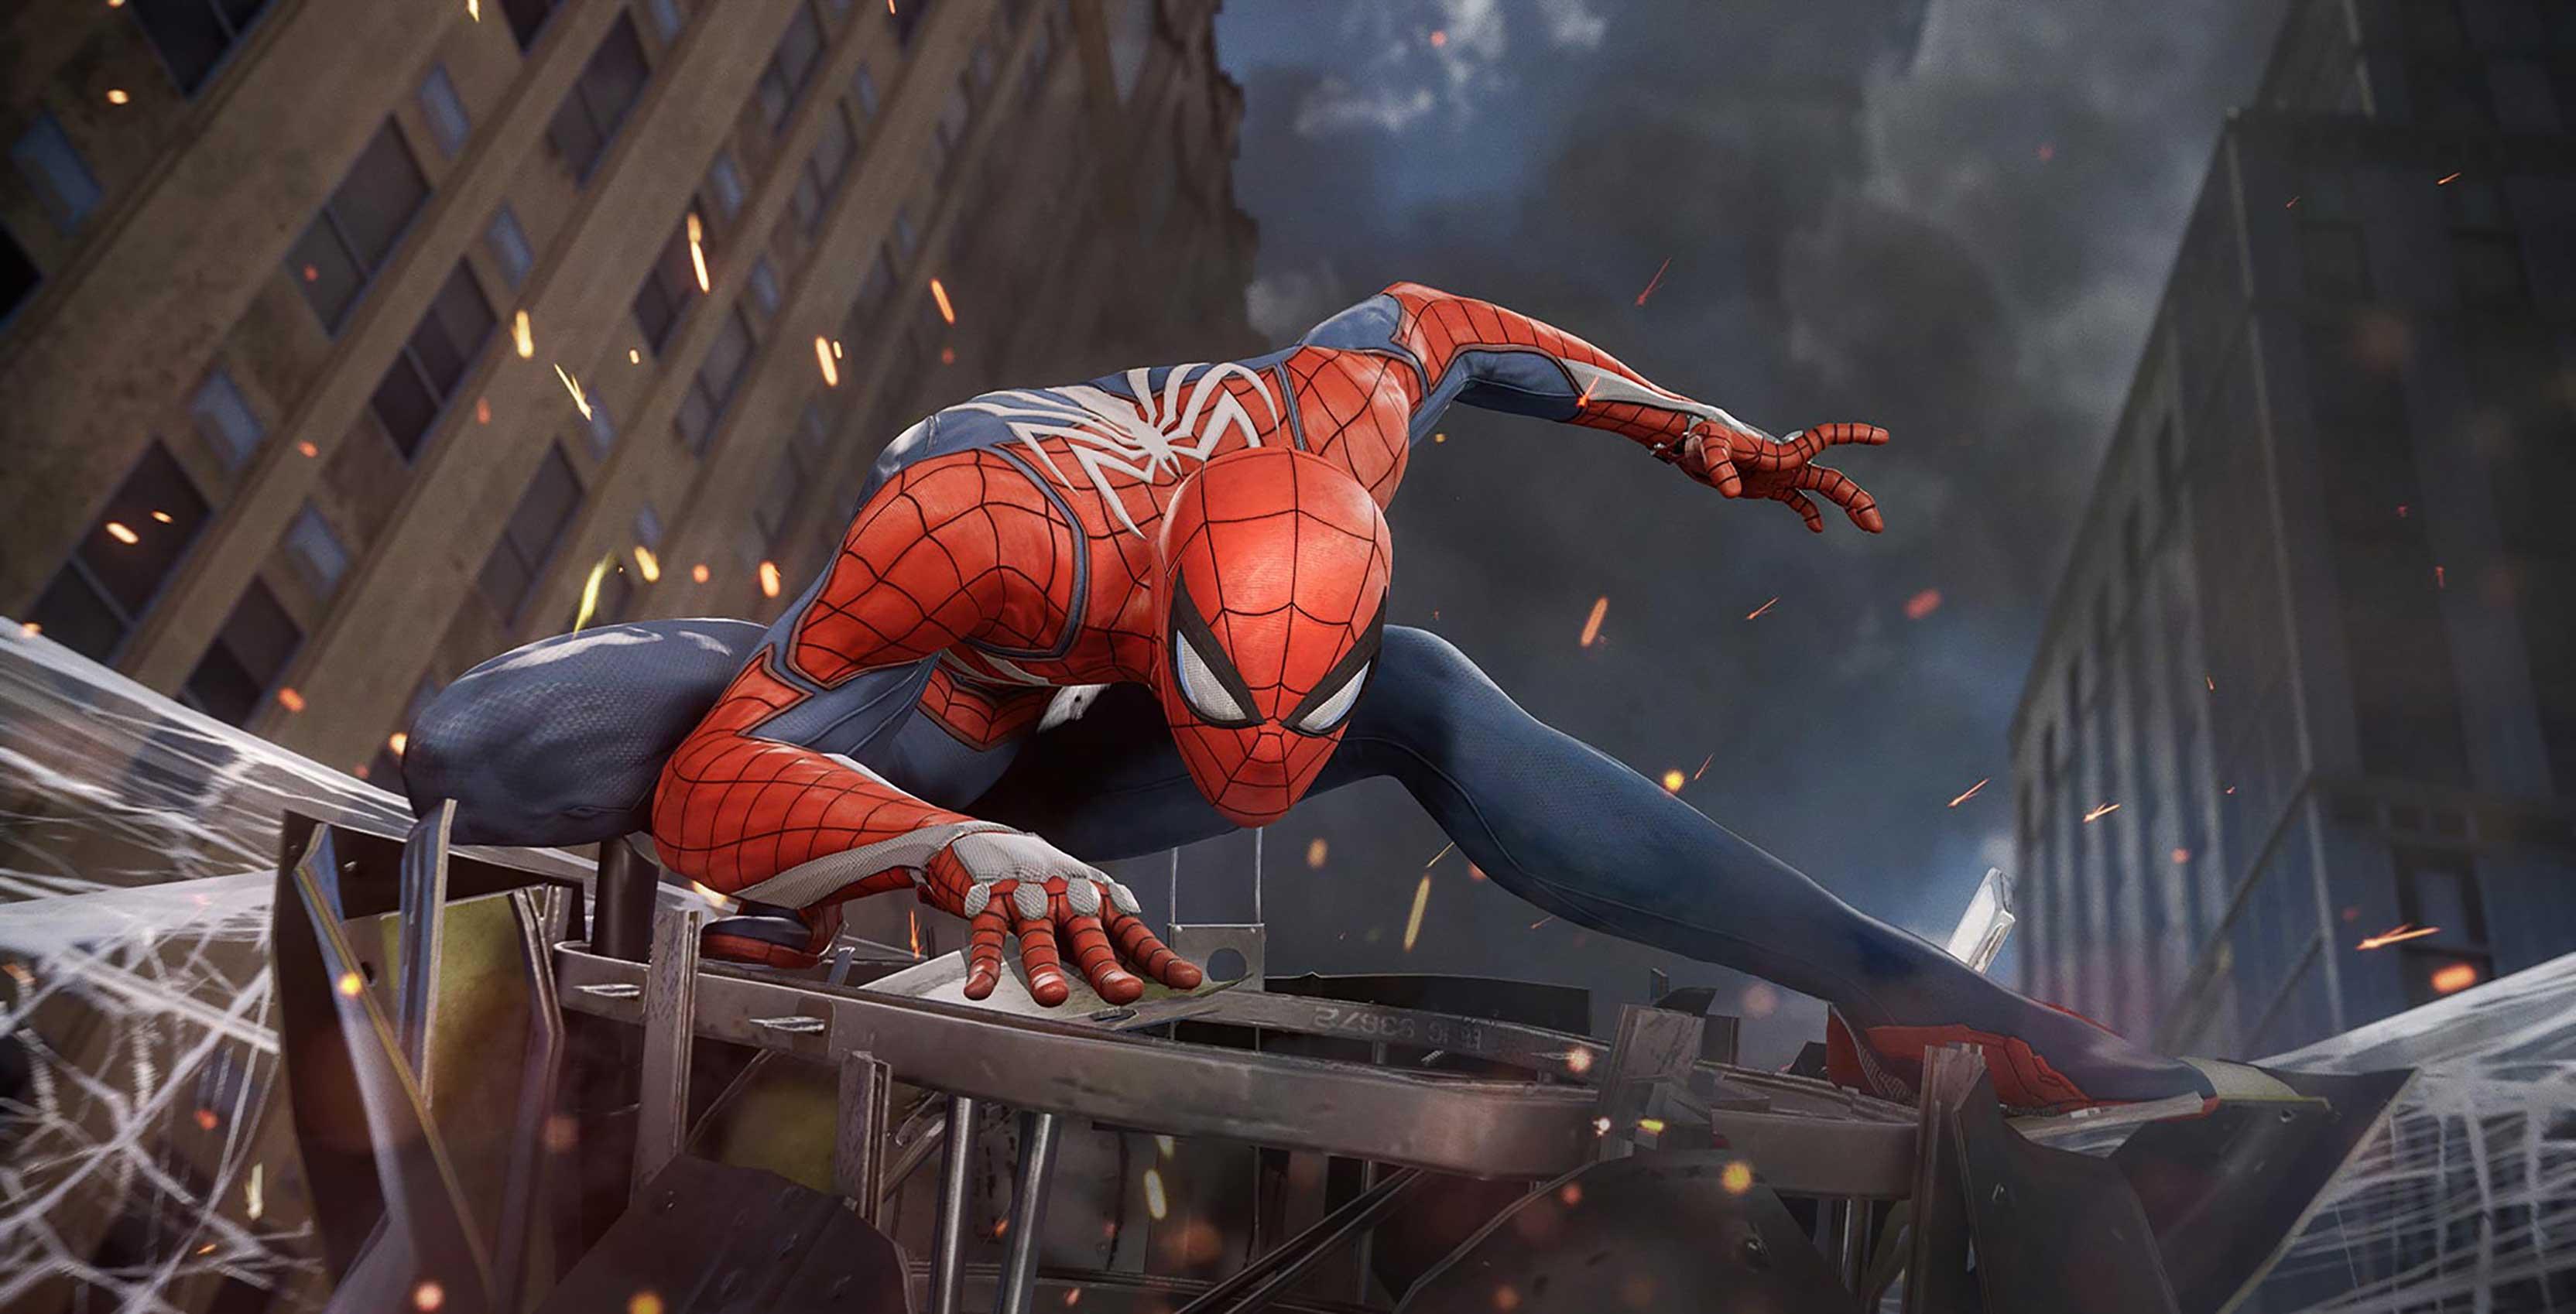 Spider-Man on